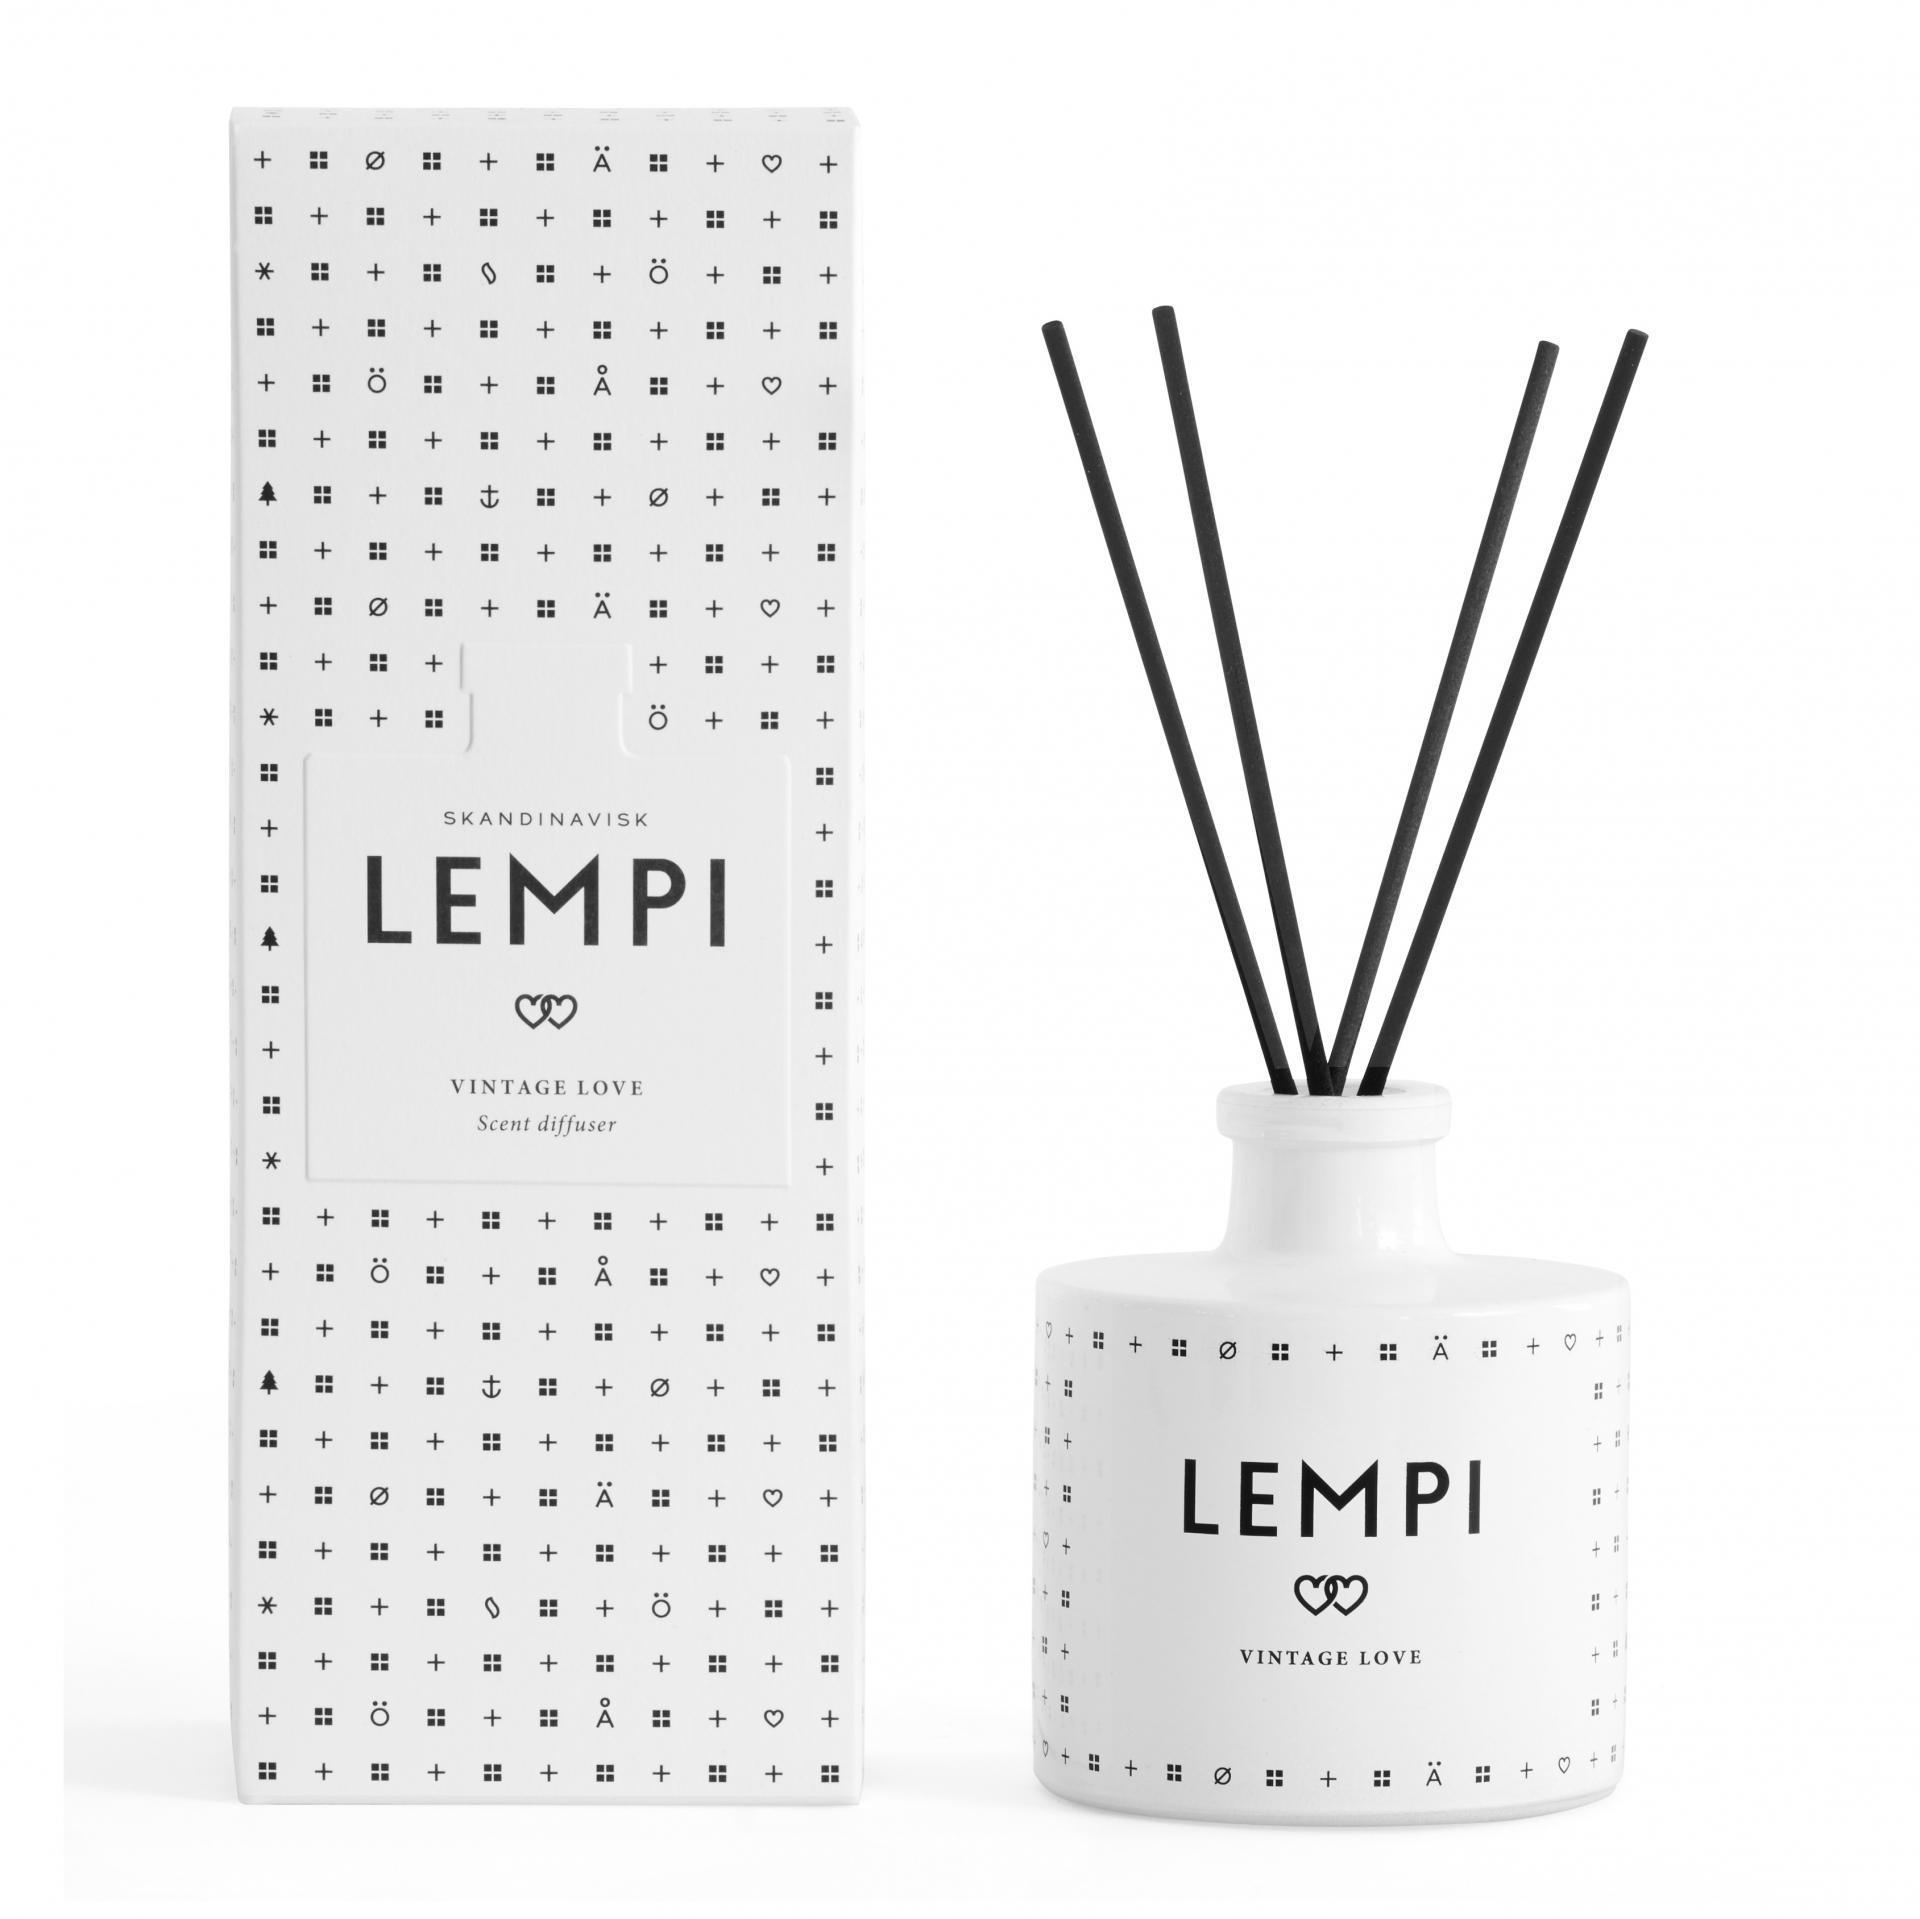 SKANDINAVISK Vonný difuzér LEMPI (láska) - 200 ml, bílá barva, sklo